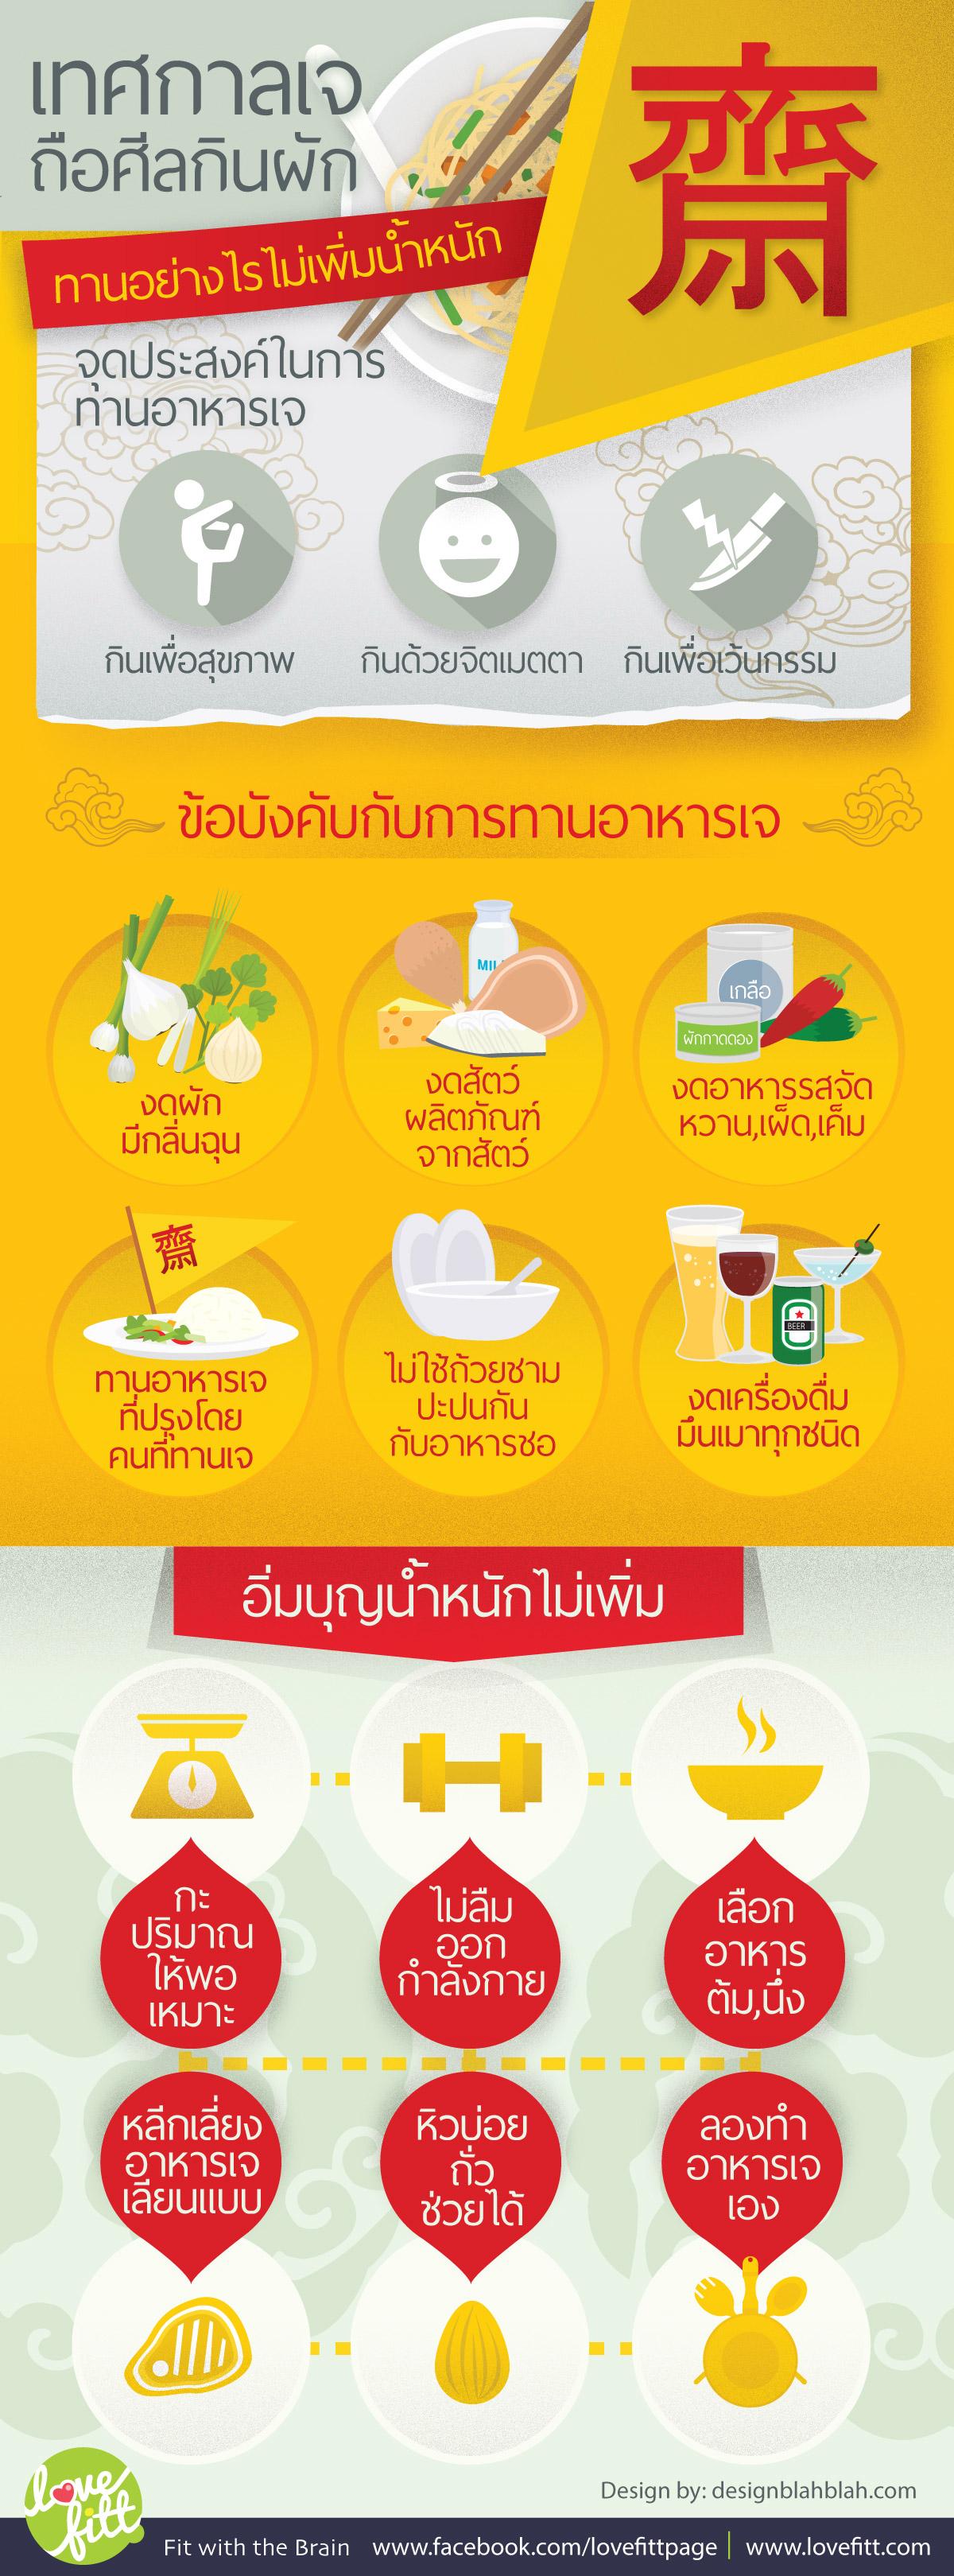 กินเจช่วงคุมน้ำหนัก กินอย่างไรไม่ให้อ้วน